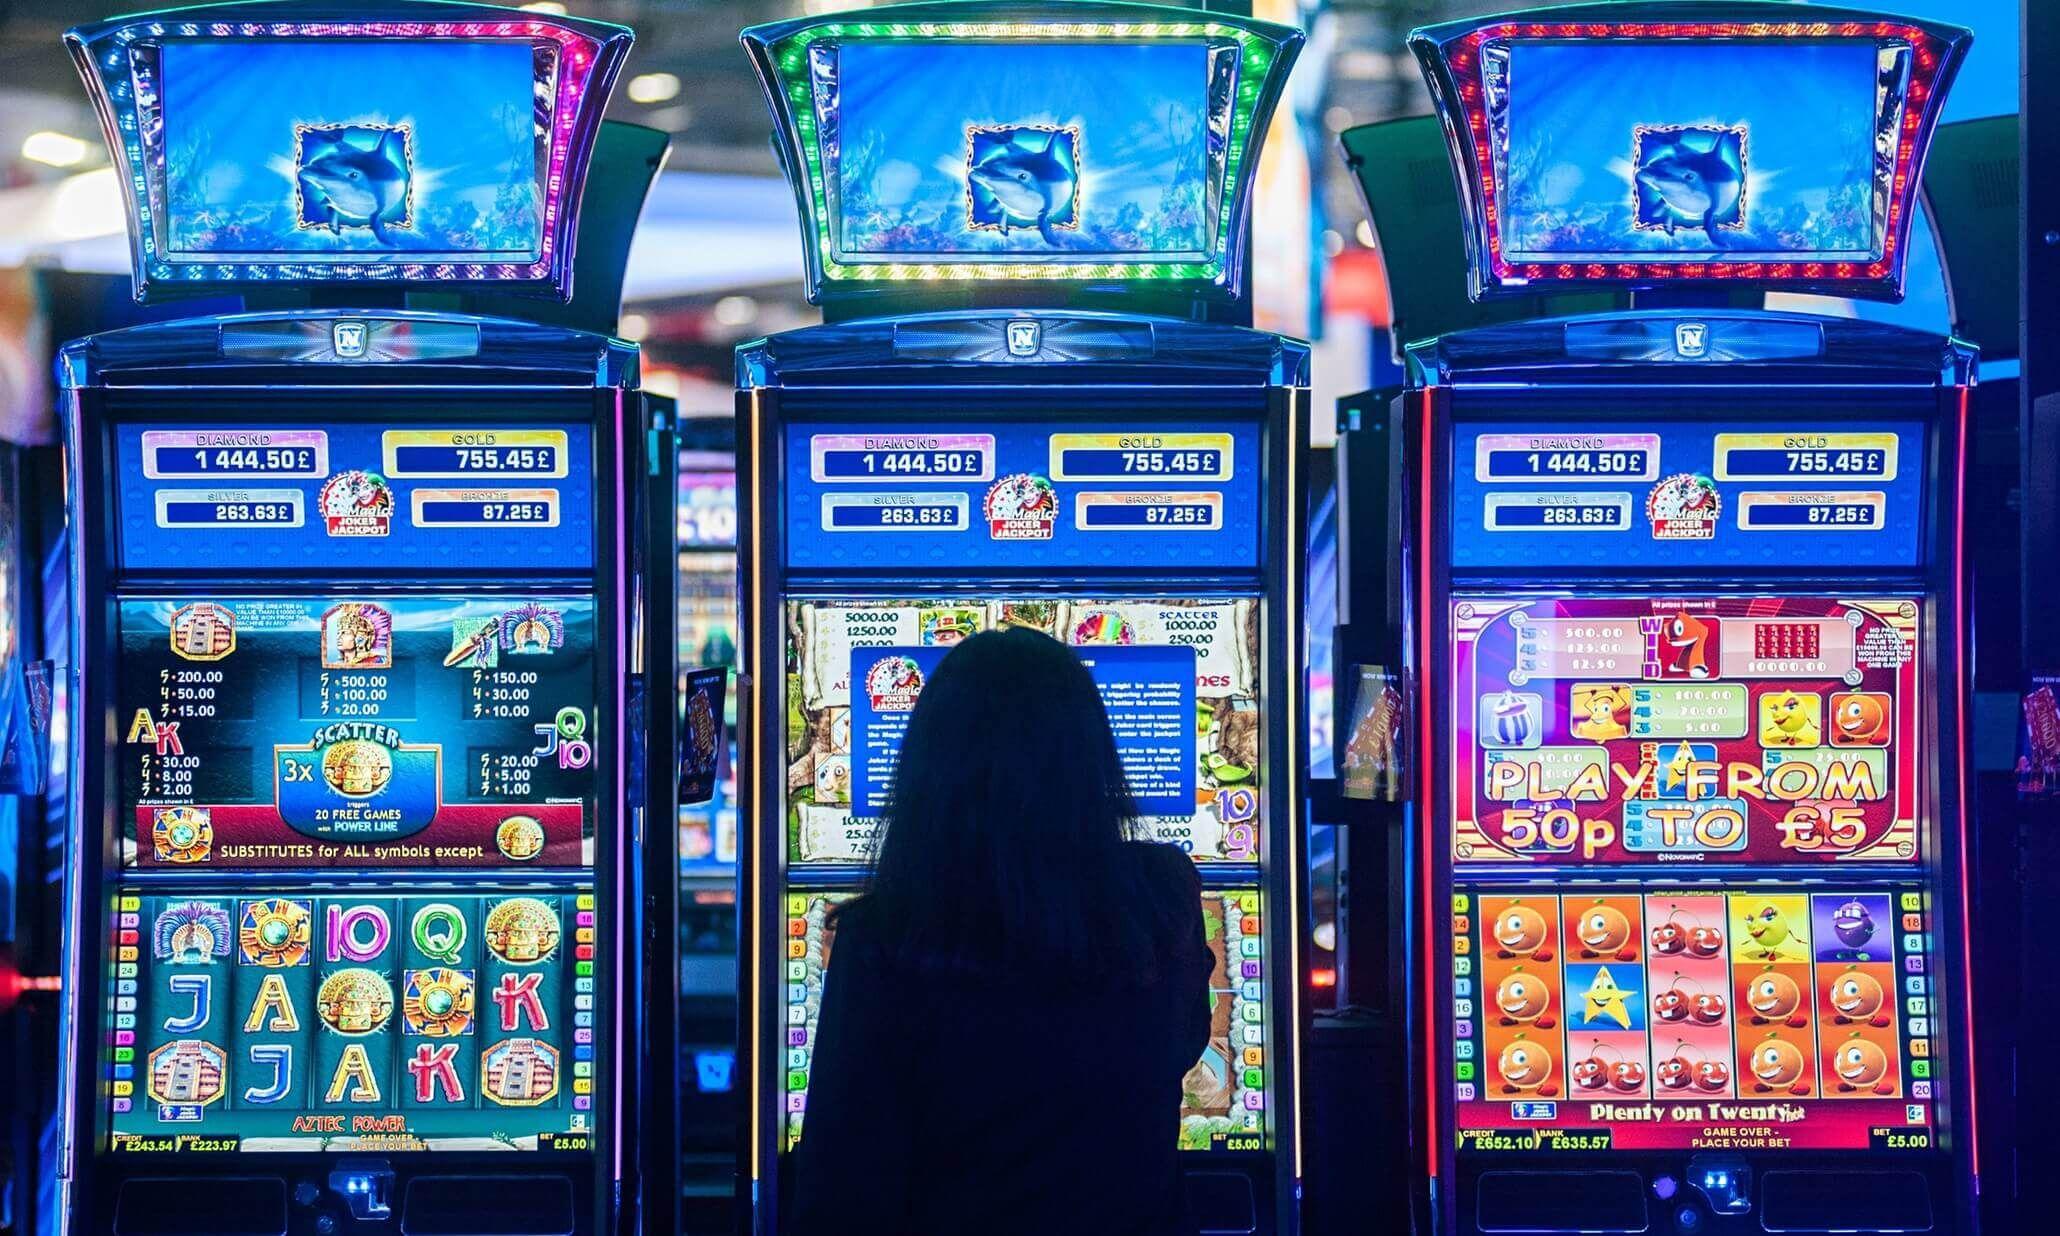 Игровые автоматы с бонусом рейтинг слотов рф детские игровые автоматы в аренду в москве